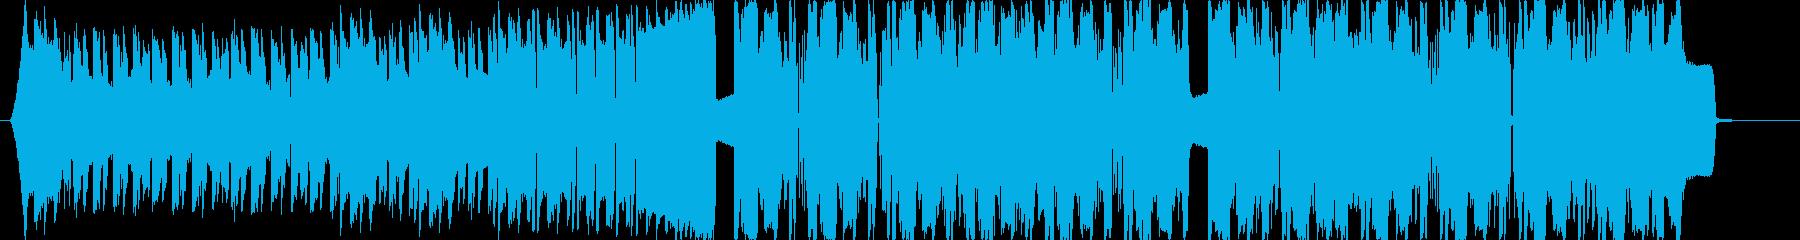 モンスターをイメージしたダブステップの再生済みの波形